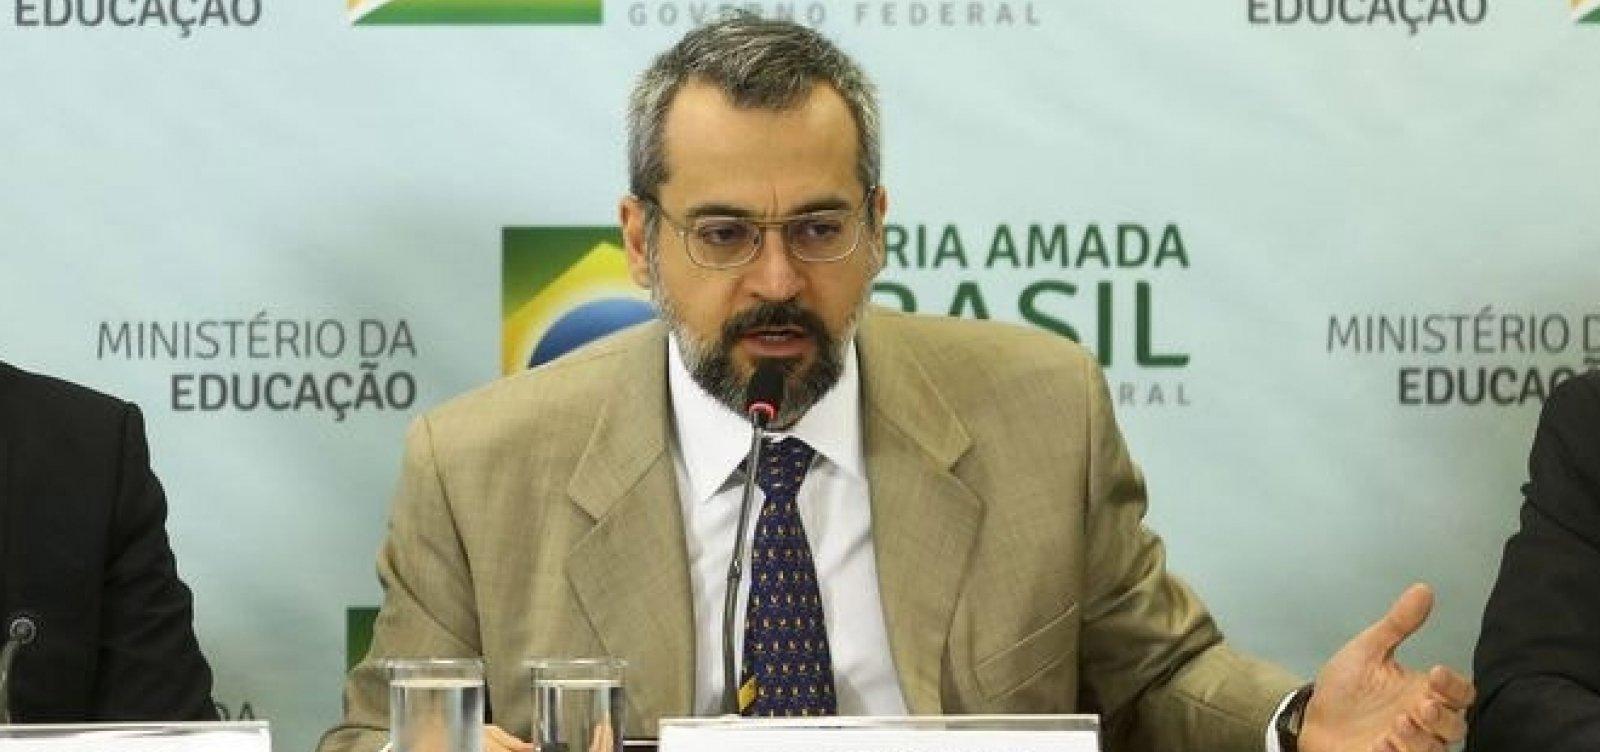 [MEC anuncia verba de R$ 60 milhões para internet nas escolas rurais]